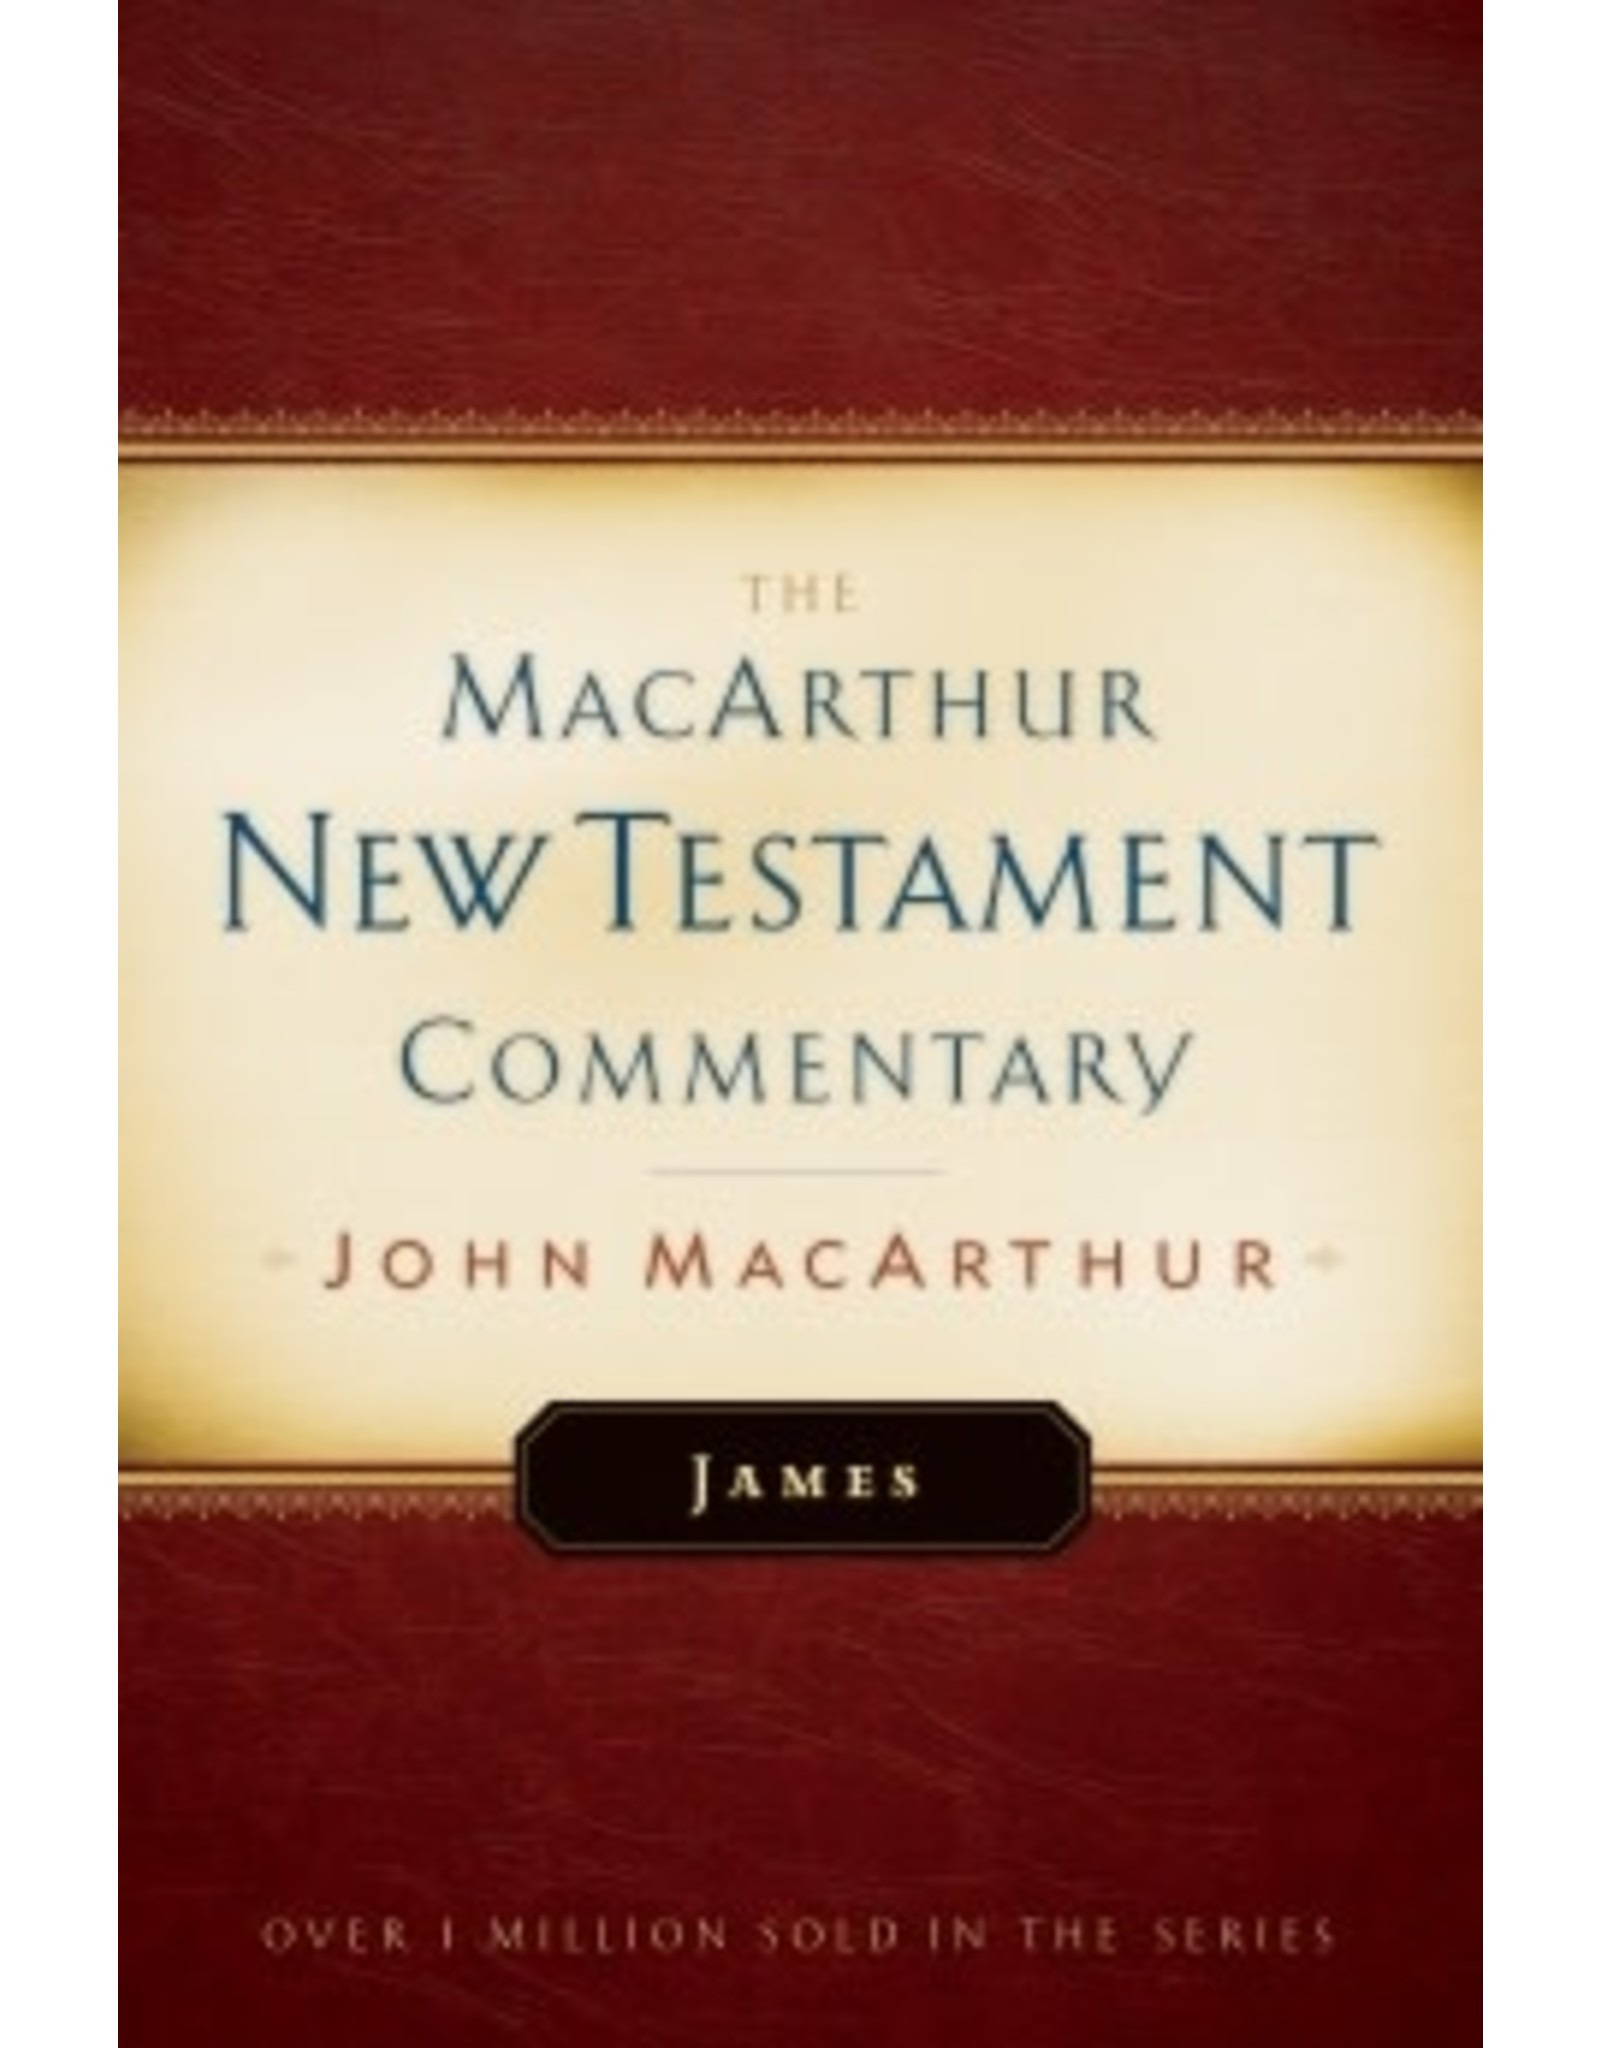 MacArthur MacArthur Commentary - James